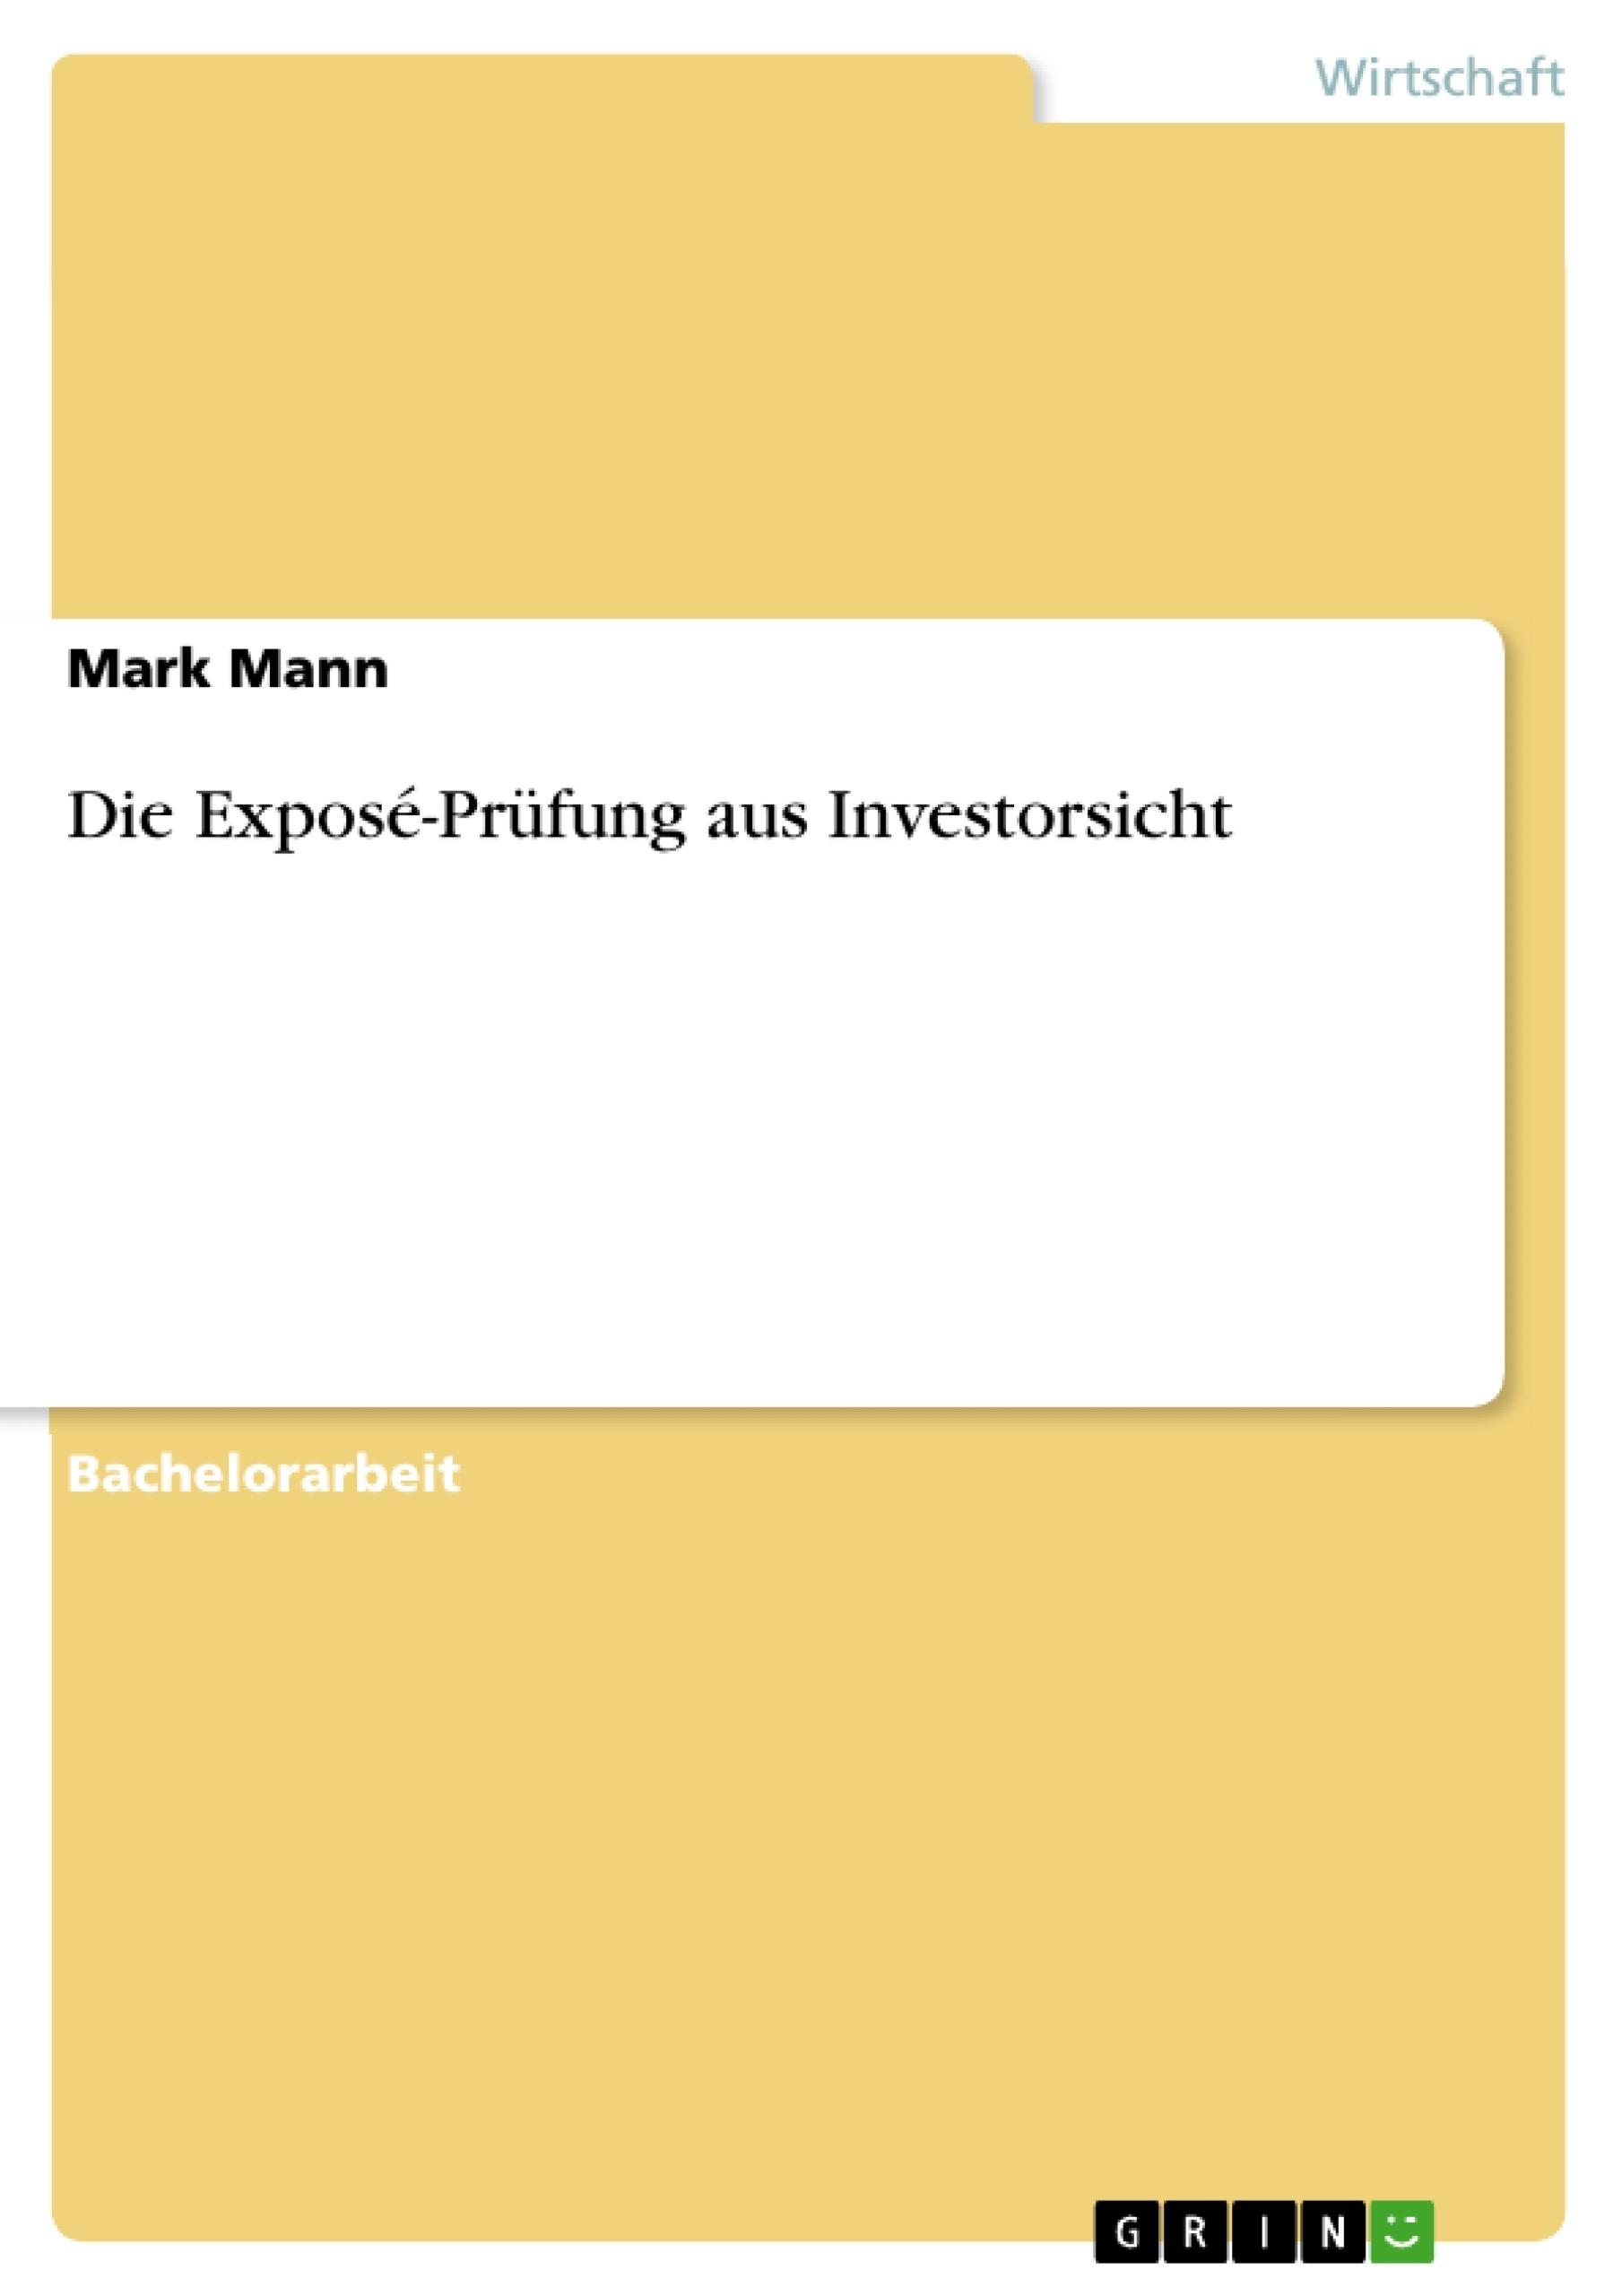 Titel: Die Exposé-Prüfung aus Investorsicht